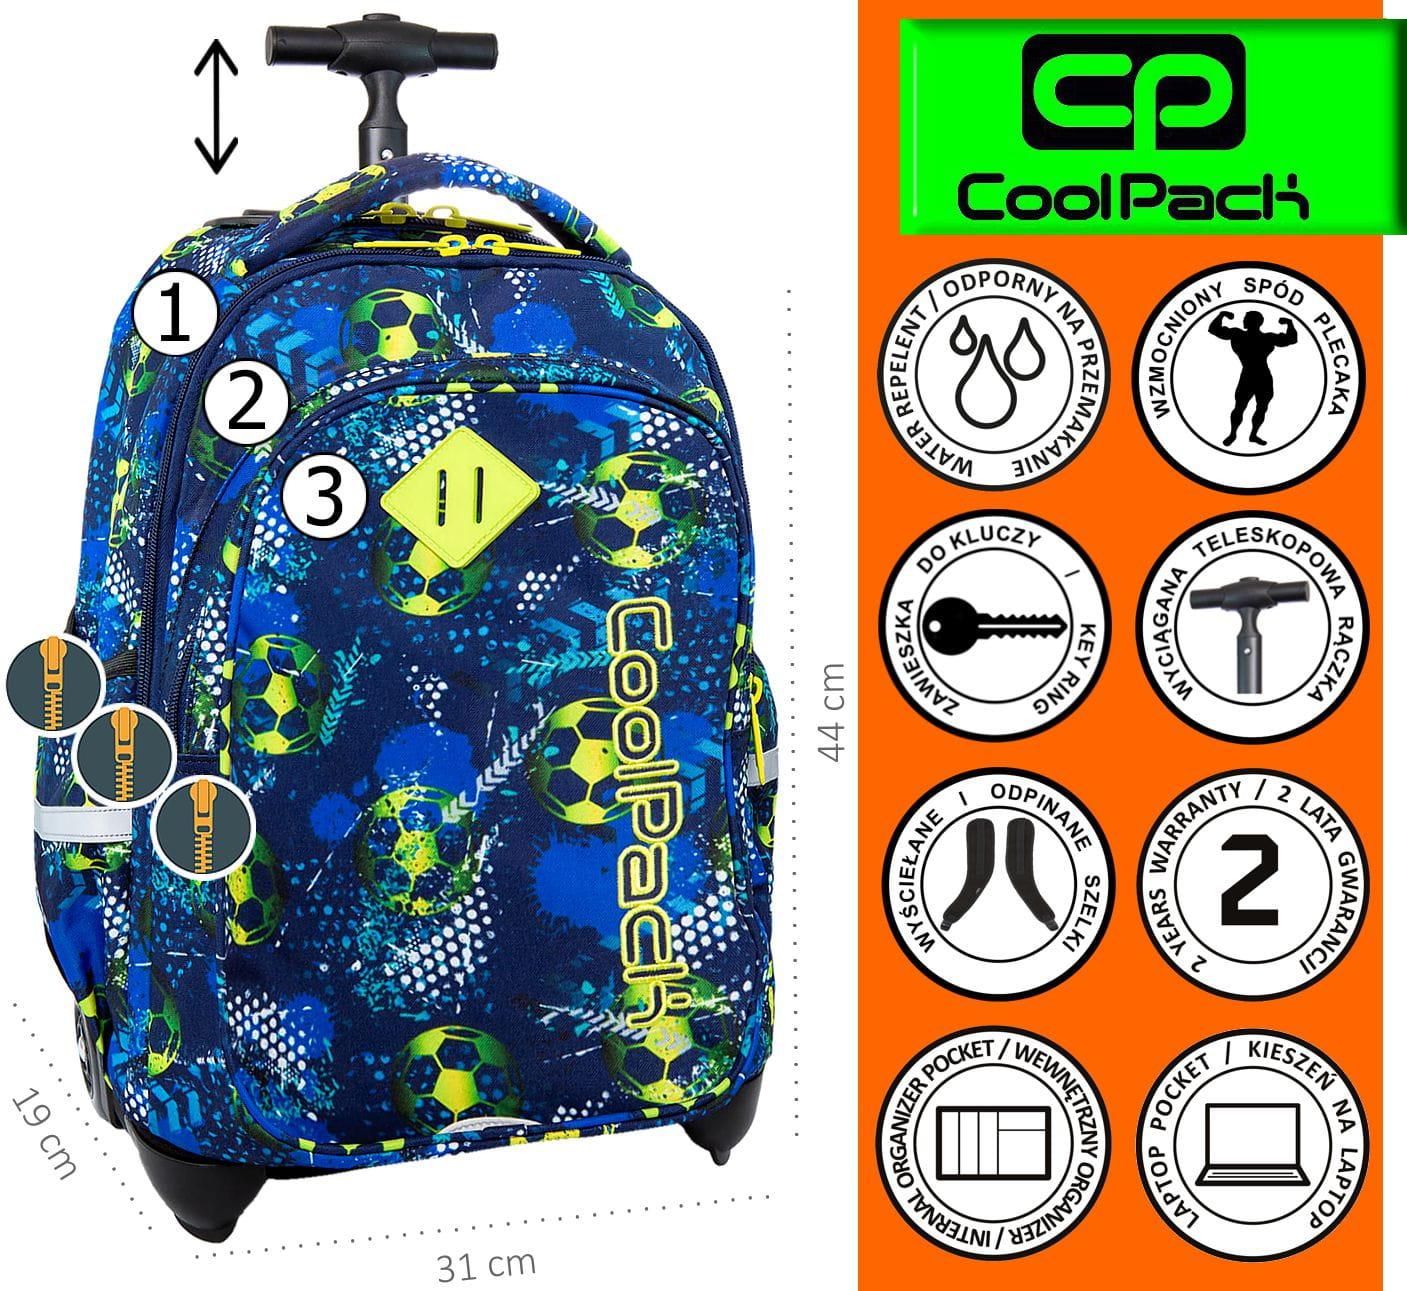 76a1bb8c42d3b CoolPack FOOTBALL BLUE Junior 34l plecak szkolny na kółkach piłka nożna  B28037. FOOTBALL - 1.jpg. nowość. FOOTBALL - 1.jpg  FOOTBALL - 2.jpg   FOOTBALL - 6. ...